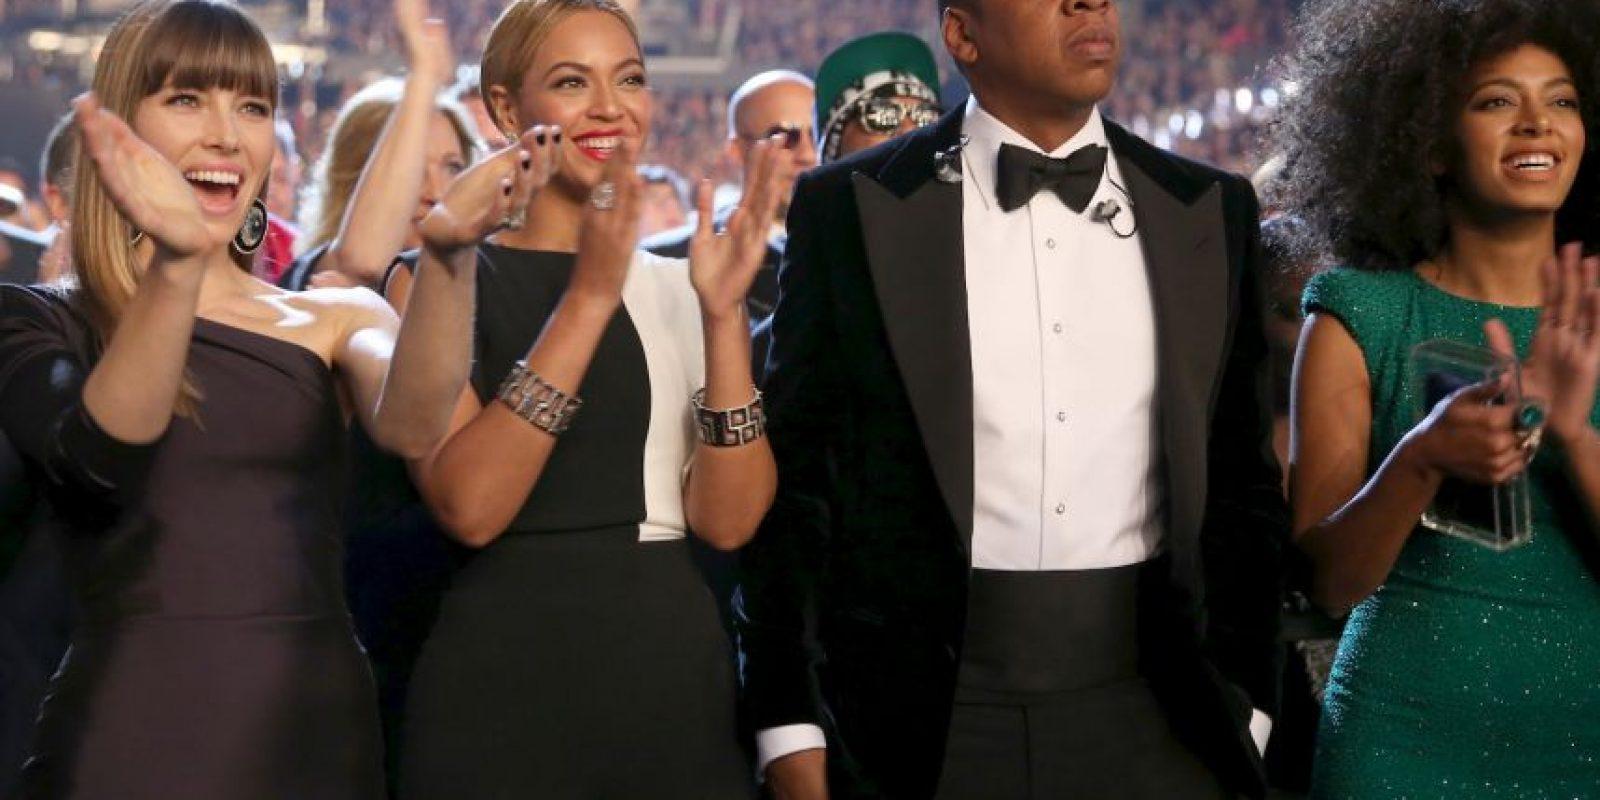 El 4 de abril de 2008, la pareja dio el sí en una boda supersecreta frente a un estrecho círculo de 40 amigos y familiares en el penthouse de Jay Z. Entre los invitados se encontraban sus buenos amigos Gwyneth Paltrow y Chris Martin Foto:Getty Images